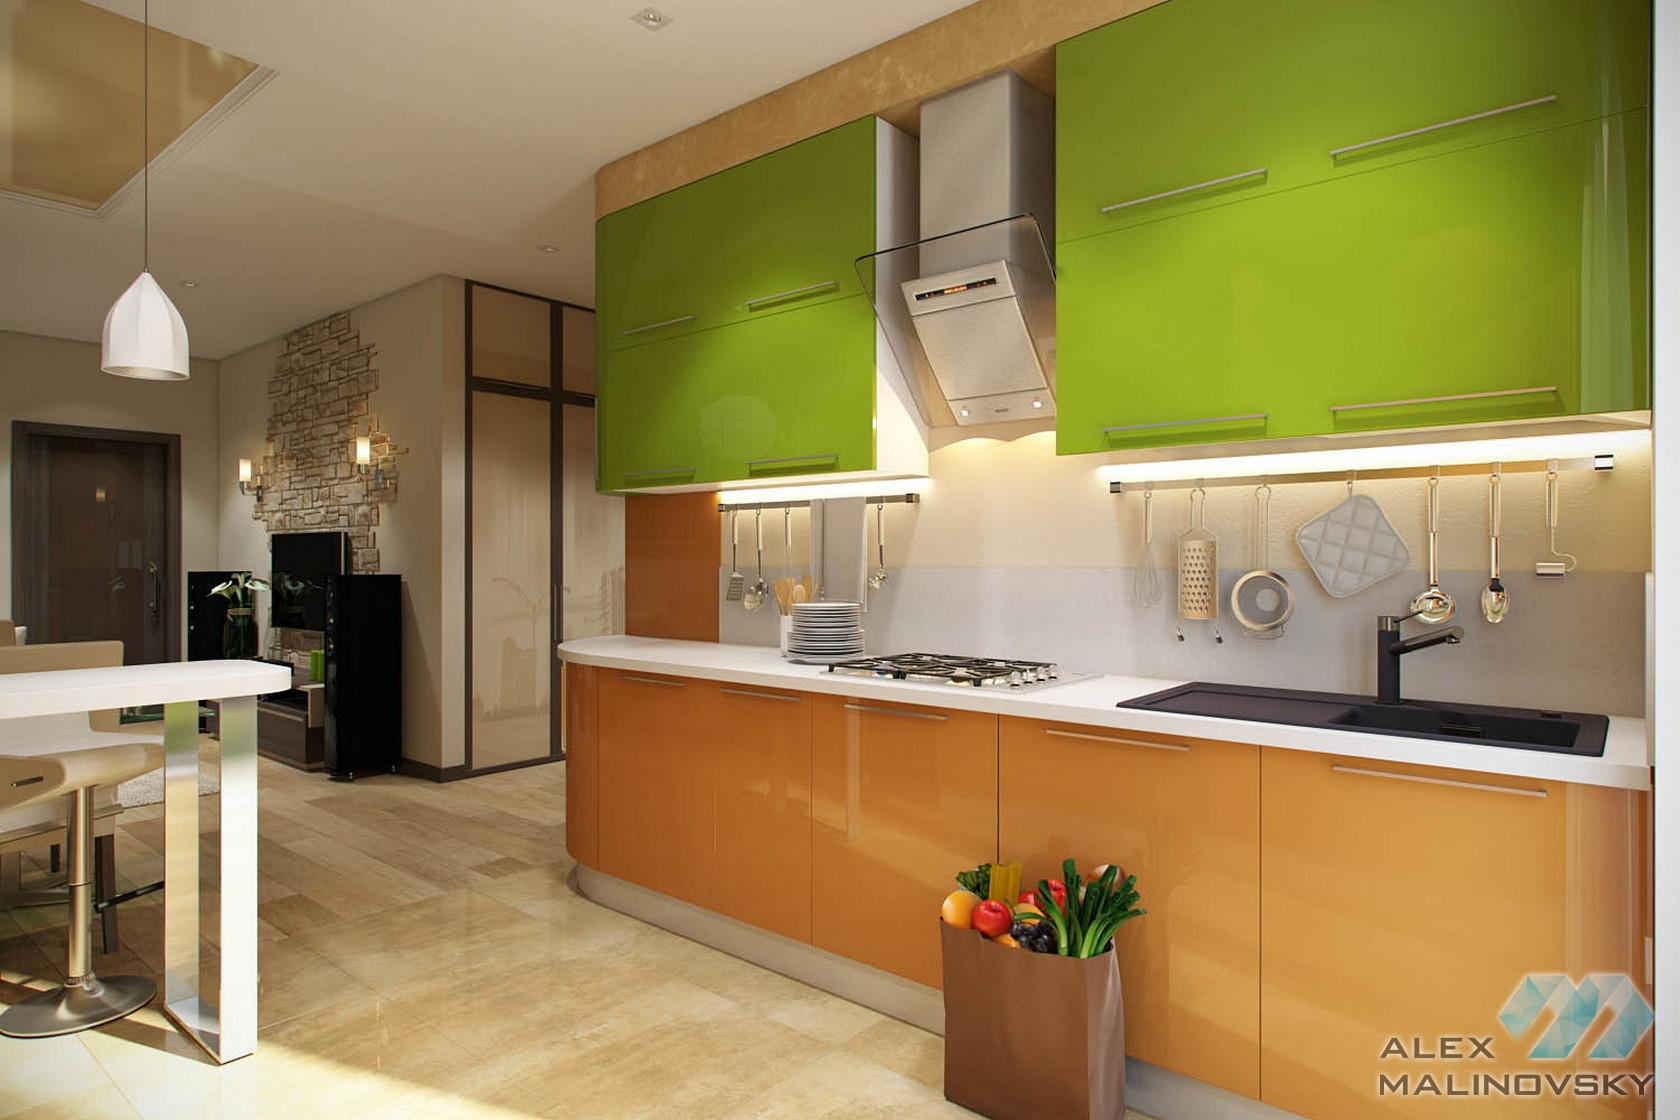 Кухня, 4х комнатная квартира в Одинцово